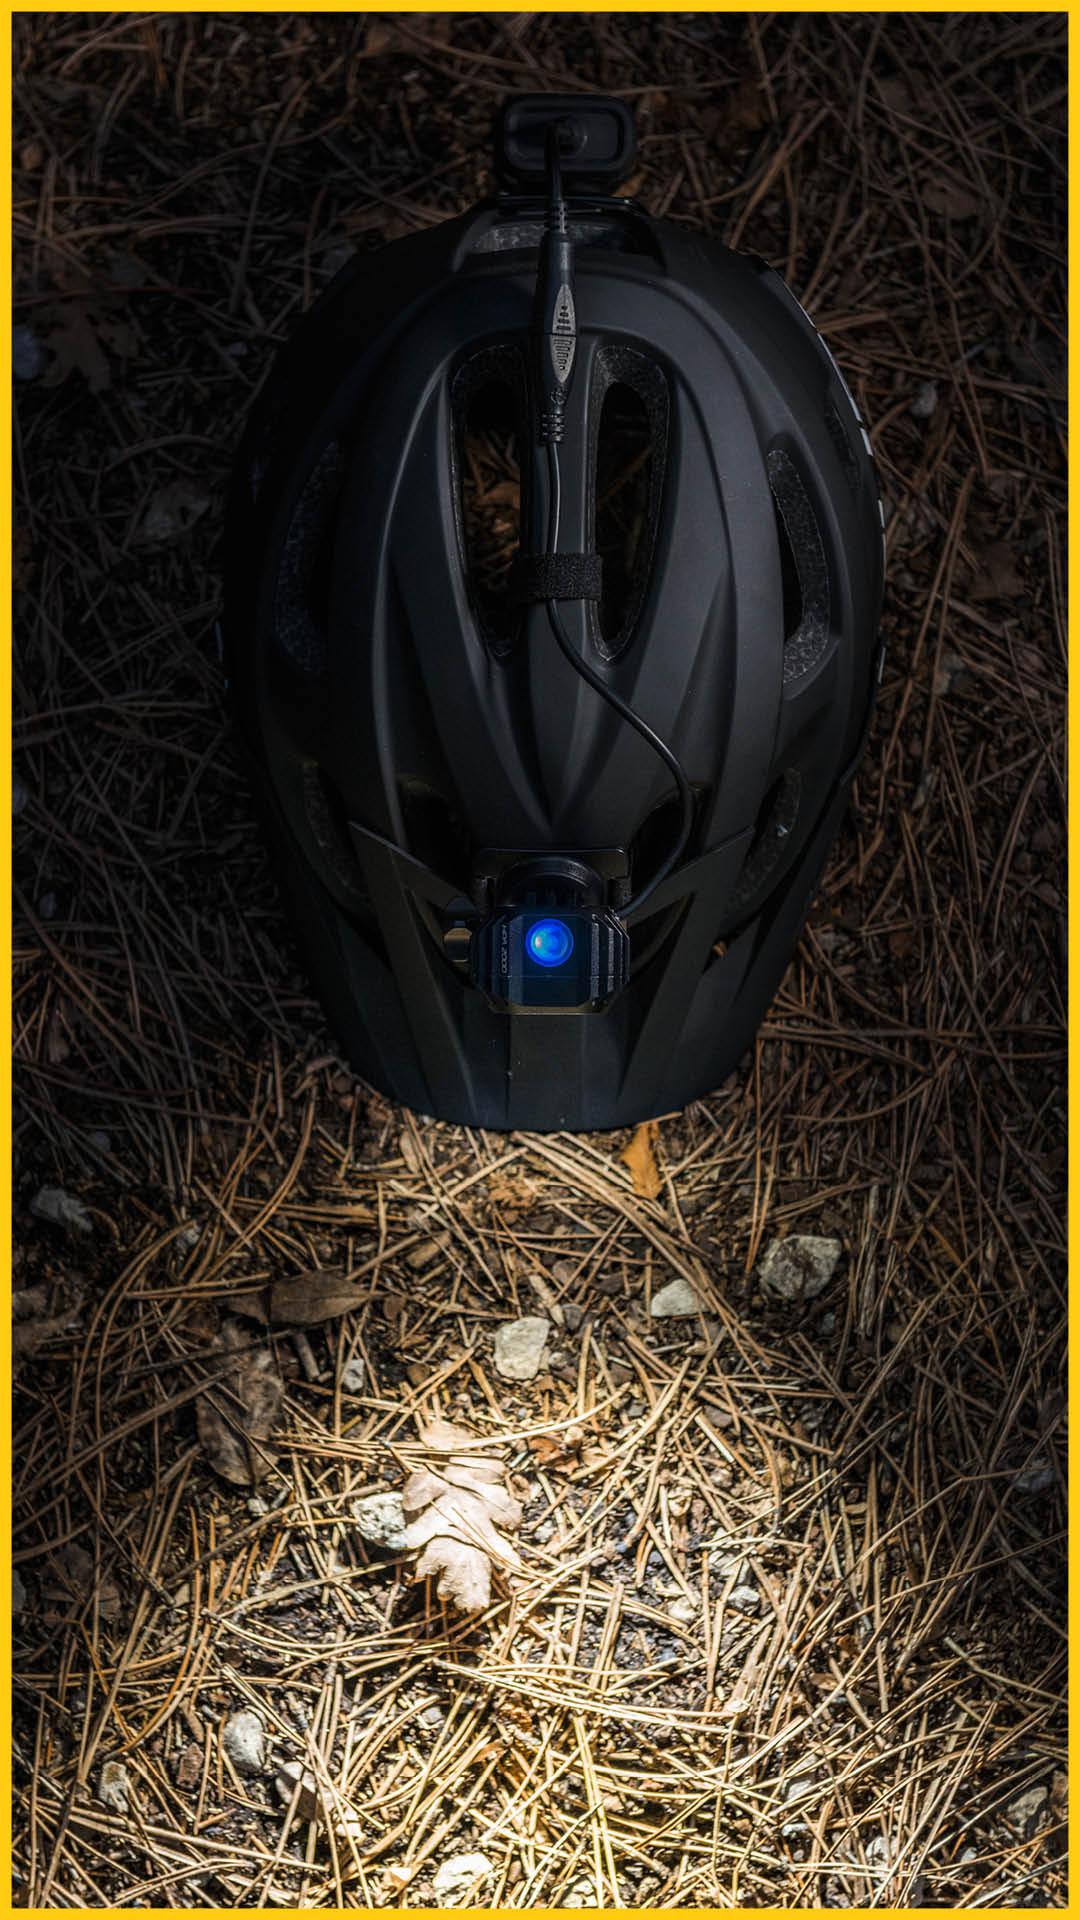 Ein schwarzes Fahrradhelm von CUBE auf vertrocknetem Gras mit blauem Licht auf dem Rennsteig Radweg durchgeführt von Werra Bikes